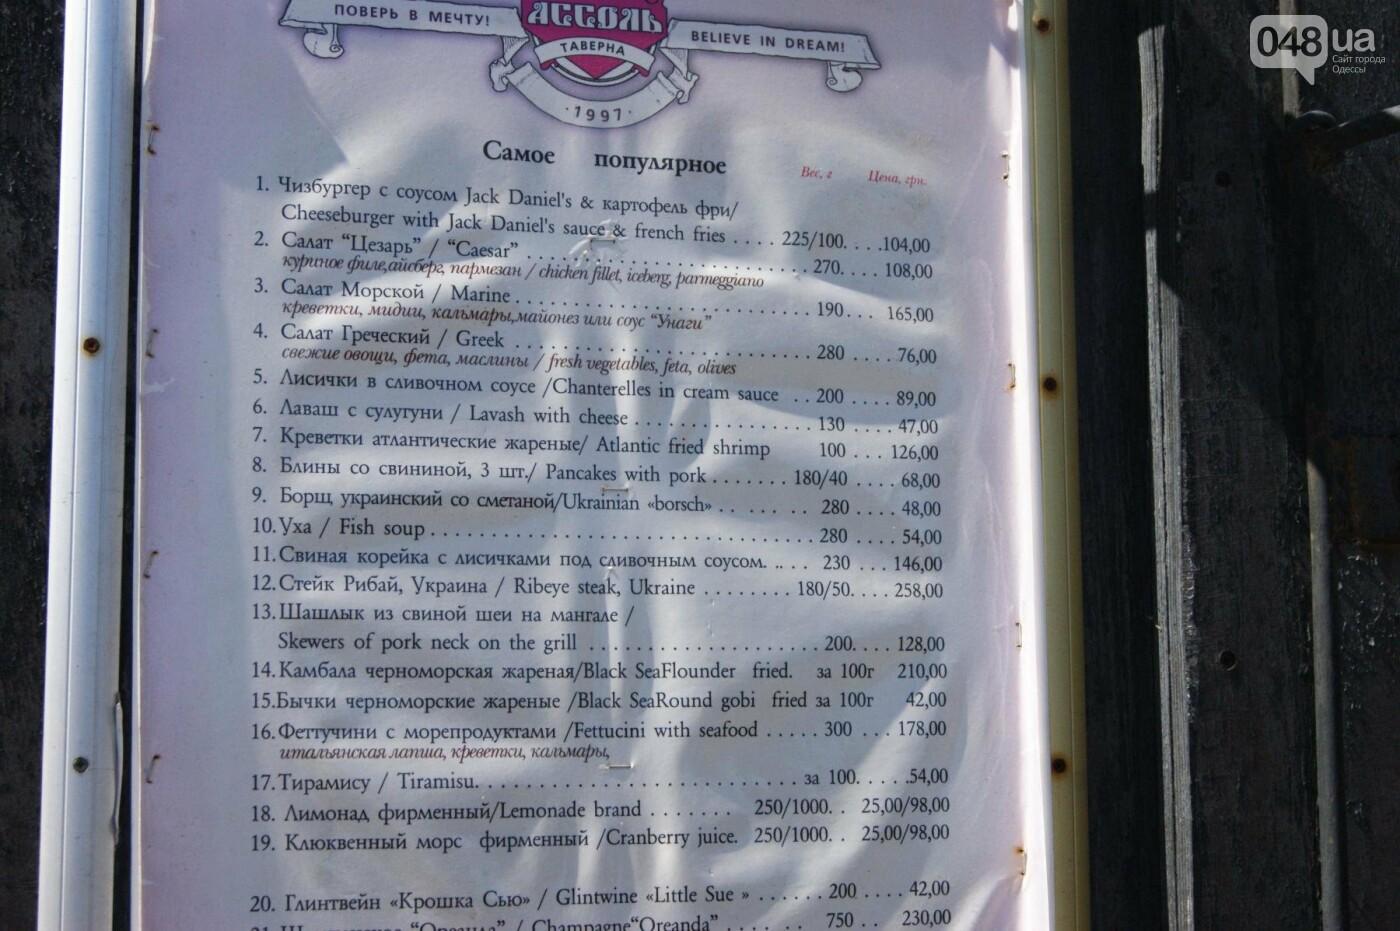 Сколько стоит пообедать в Аркадии: ищем недорогие вкусные варианты, - ФОТО, фото-7